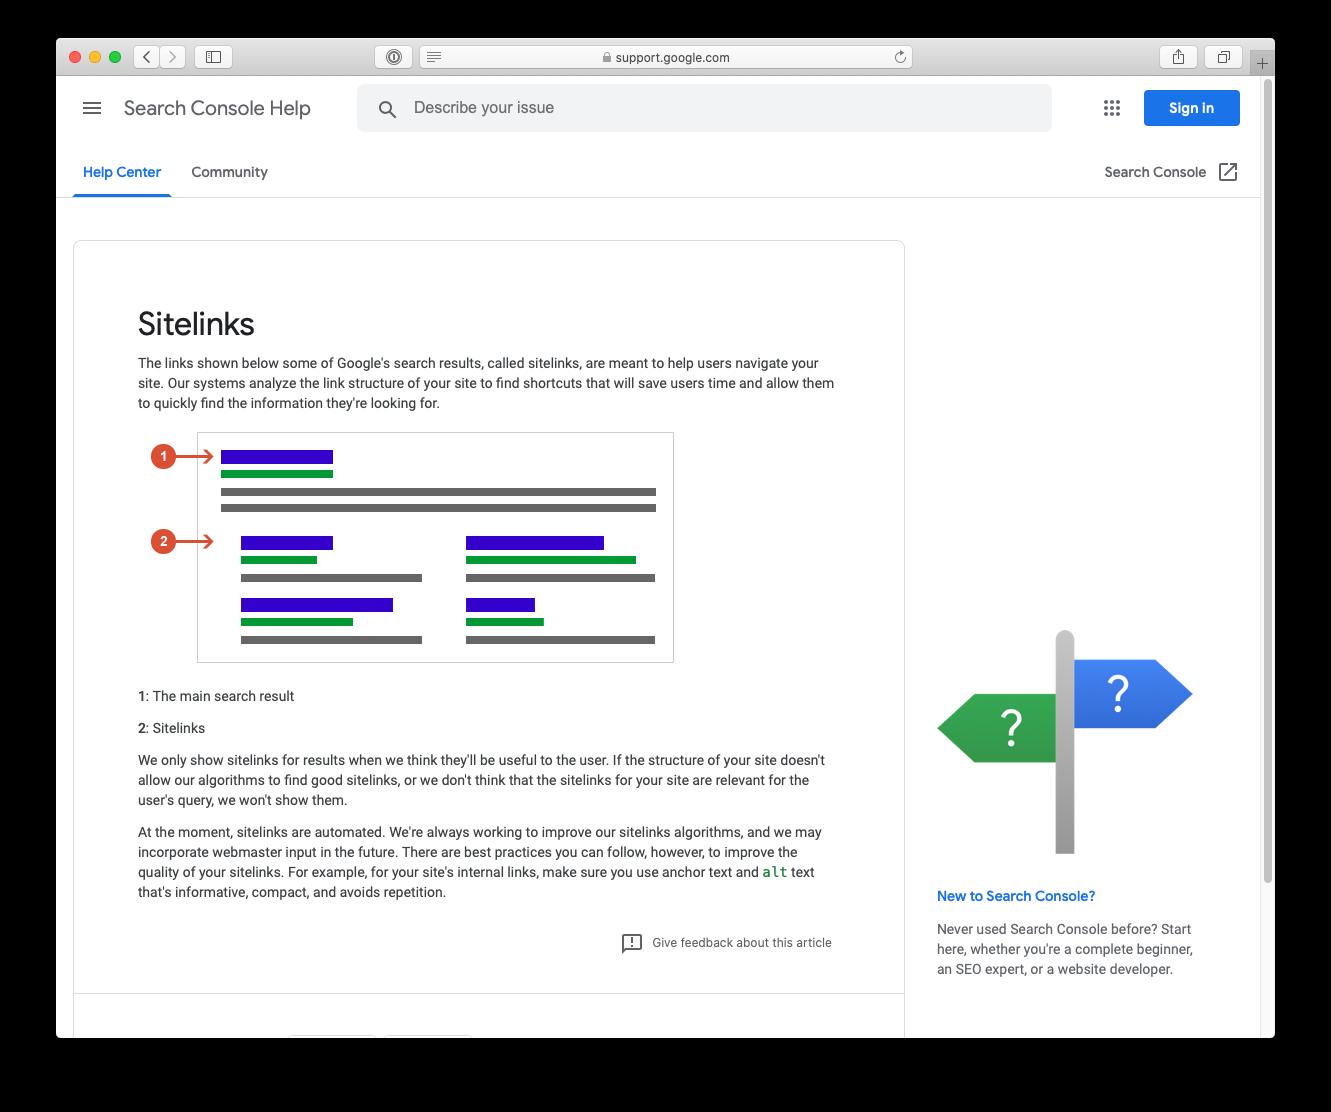 谷歌官方对Sitelink的解释